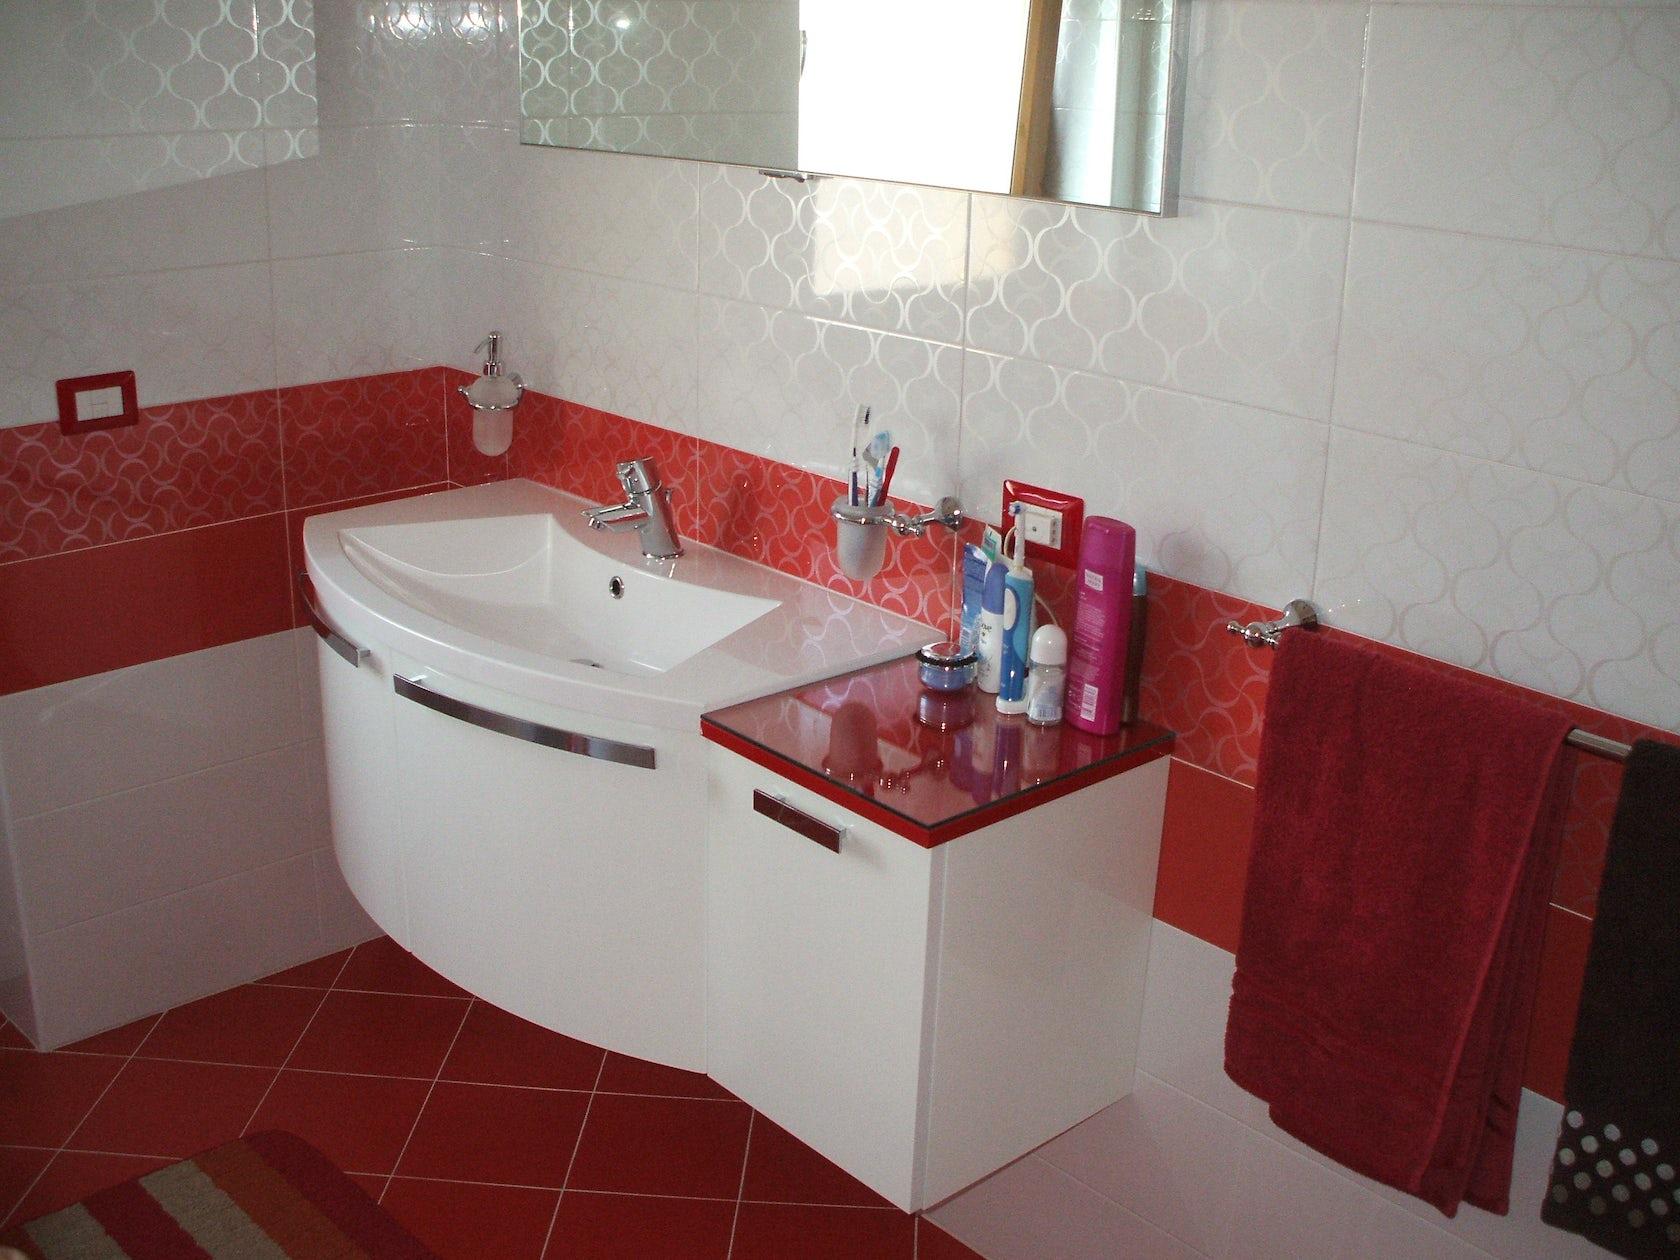 Bagno rosso e bianco architizer for Arredo bagno bianco